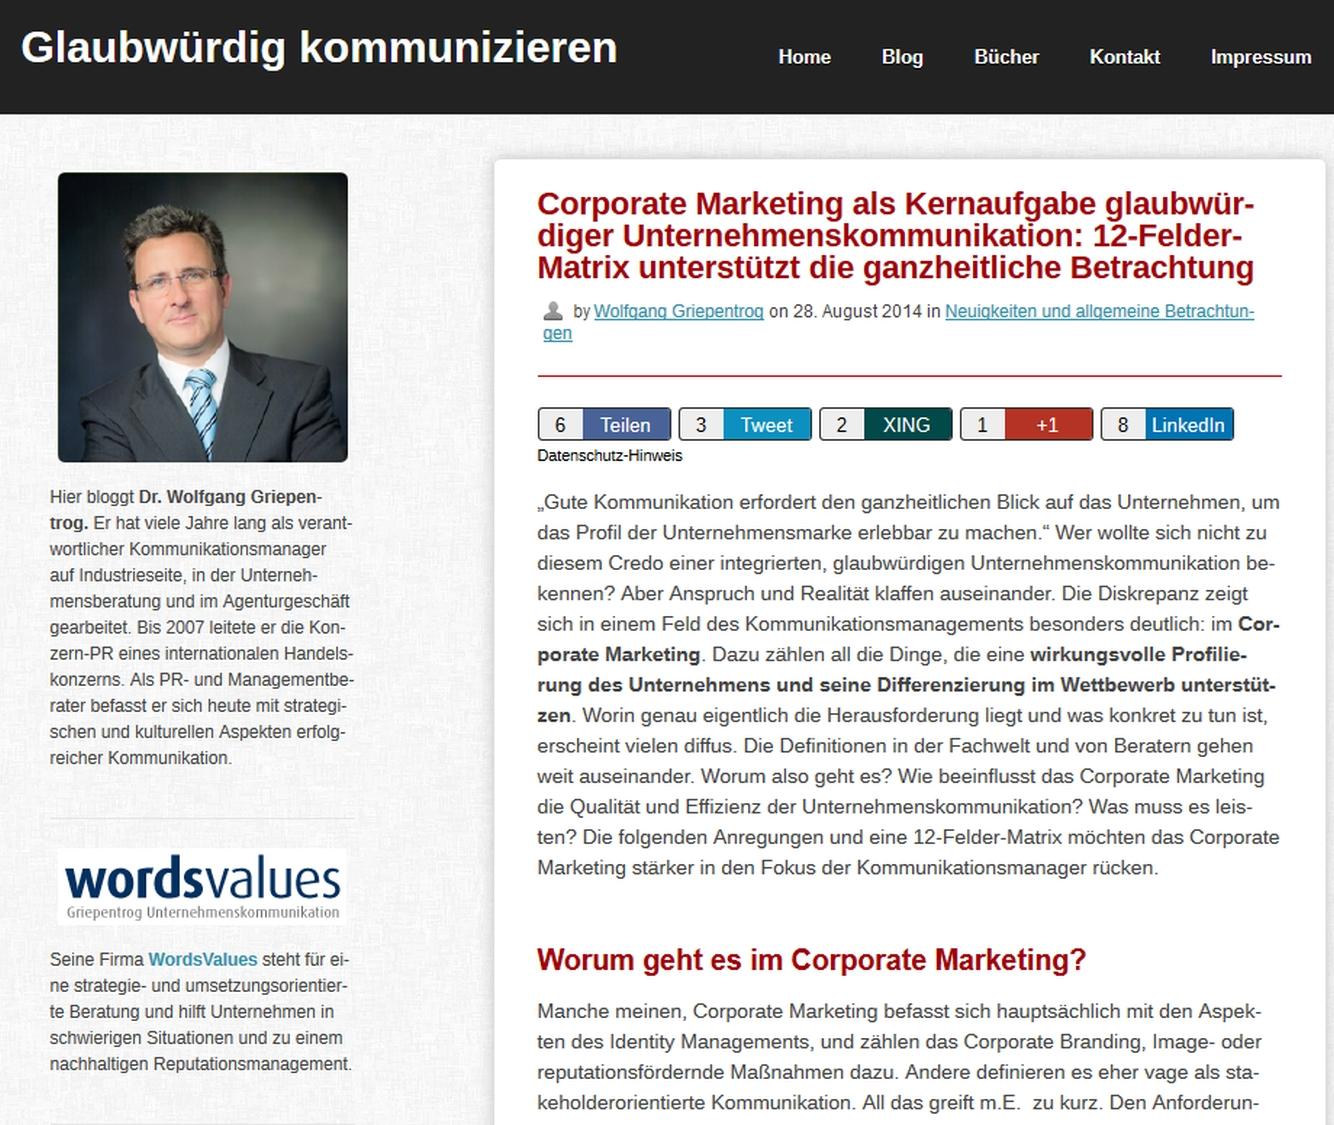 Cover zu Corporate Marketing als Kernaufgabe glaubwürdiger Unternehmenskommunikation